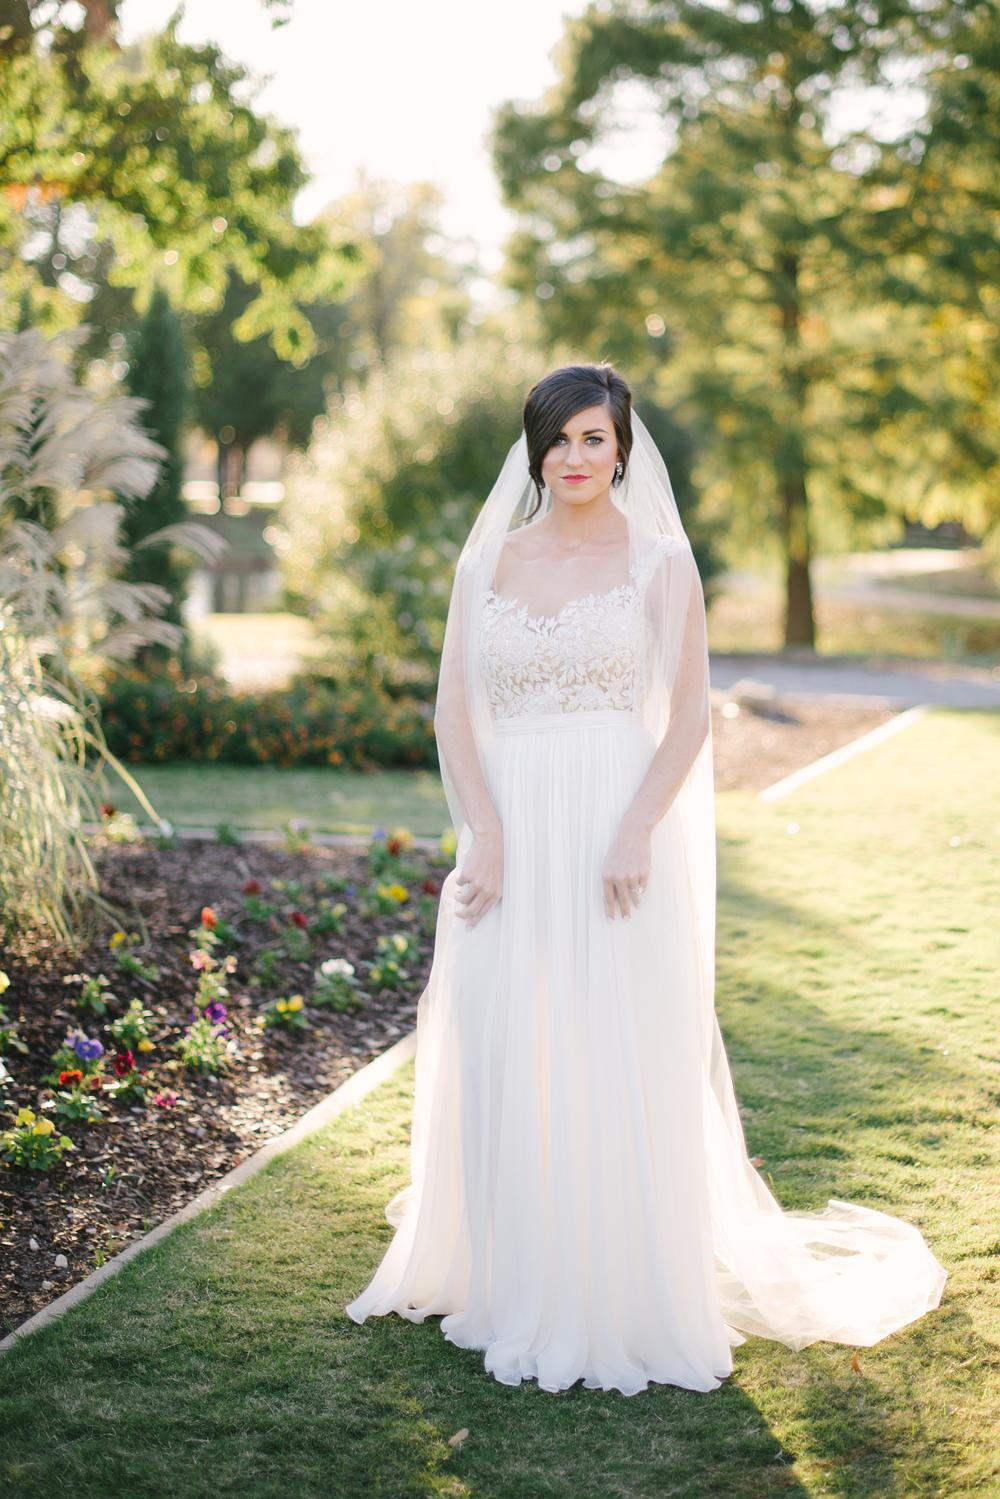 Reem-Acra-Bride-Garden-Bridal-Inspiration-21.jpg